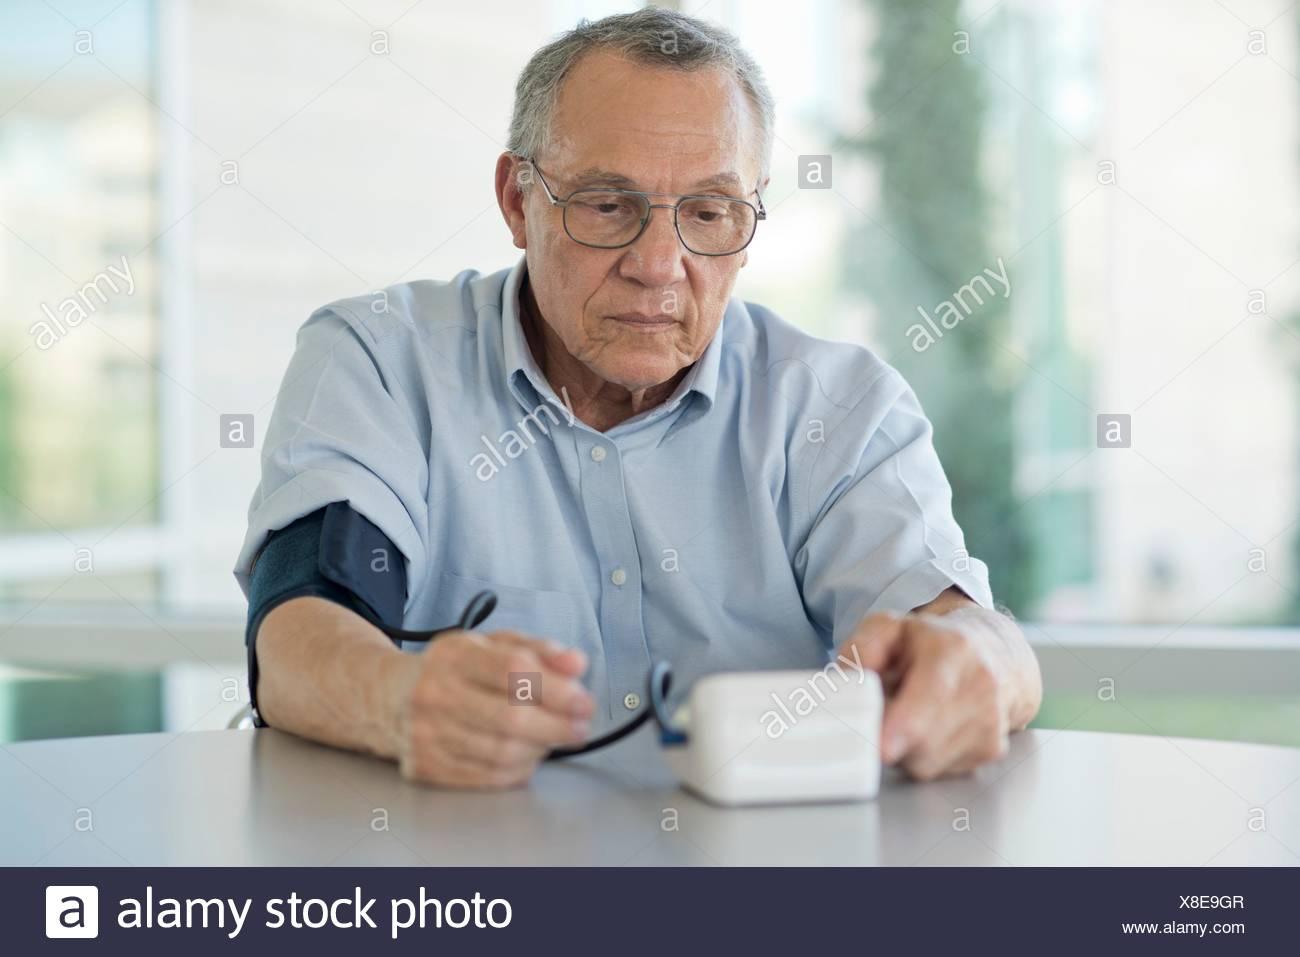 Senior man taking his own blood pressure. Stock Photo